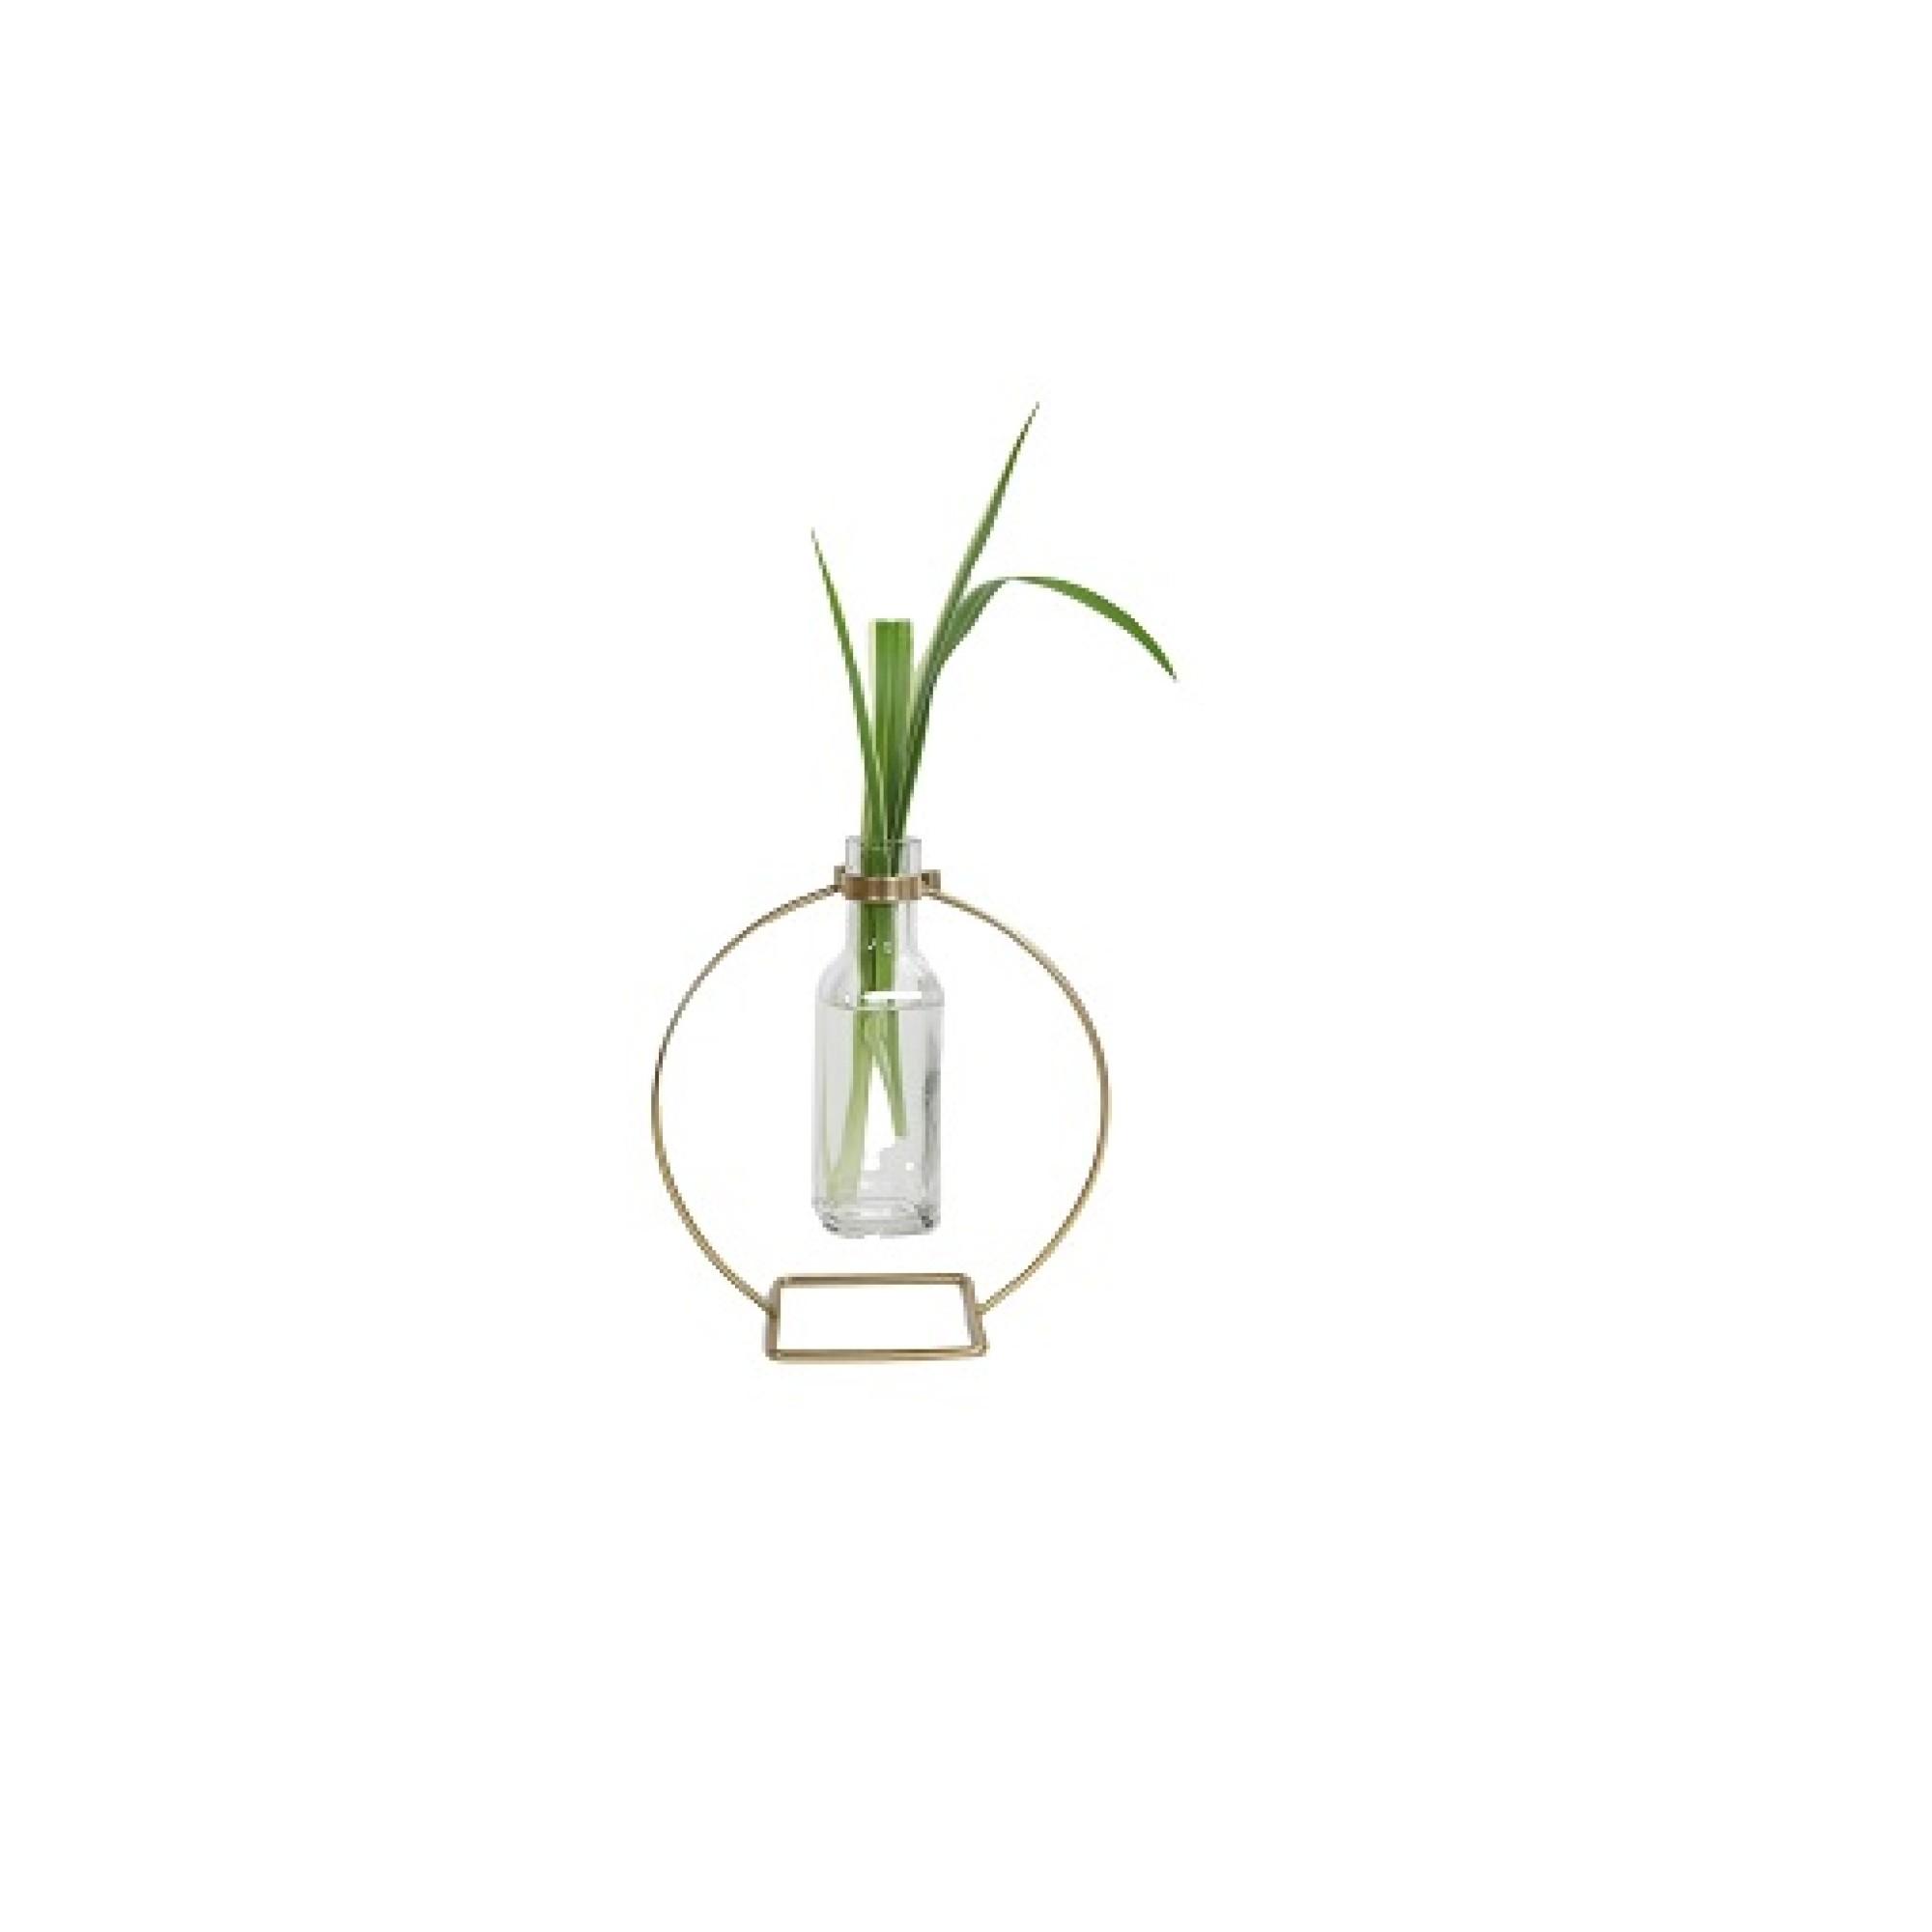 Vaso Decorativo de Vidro 19 cm - Casa Ambiente